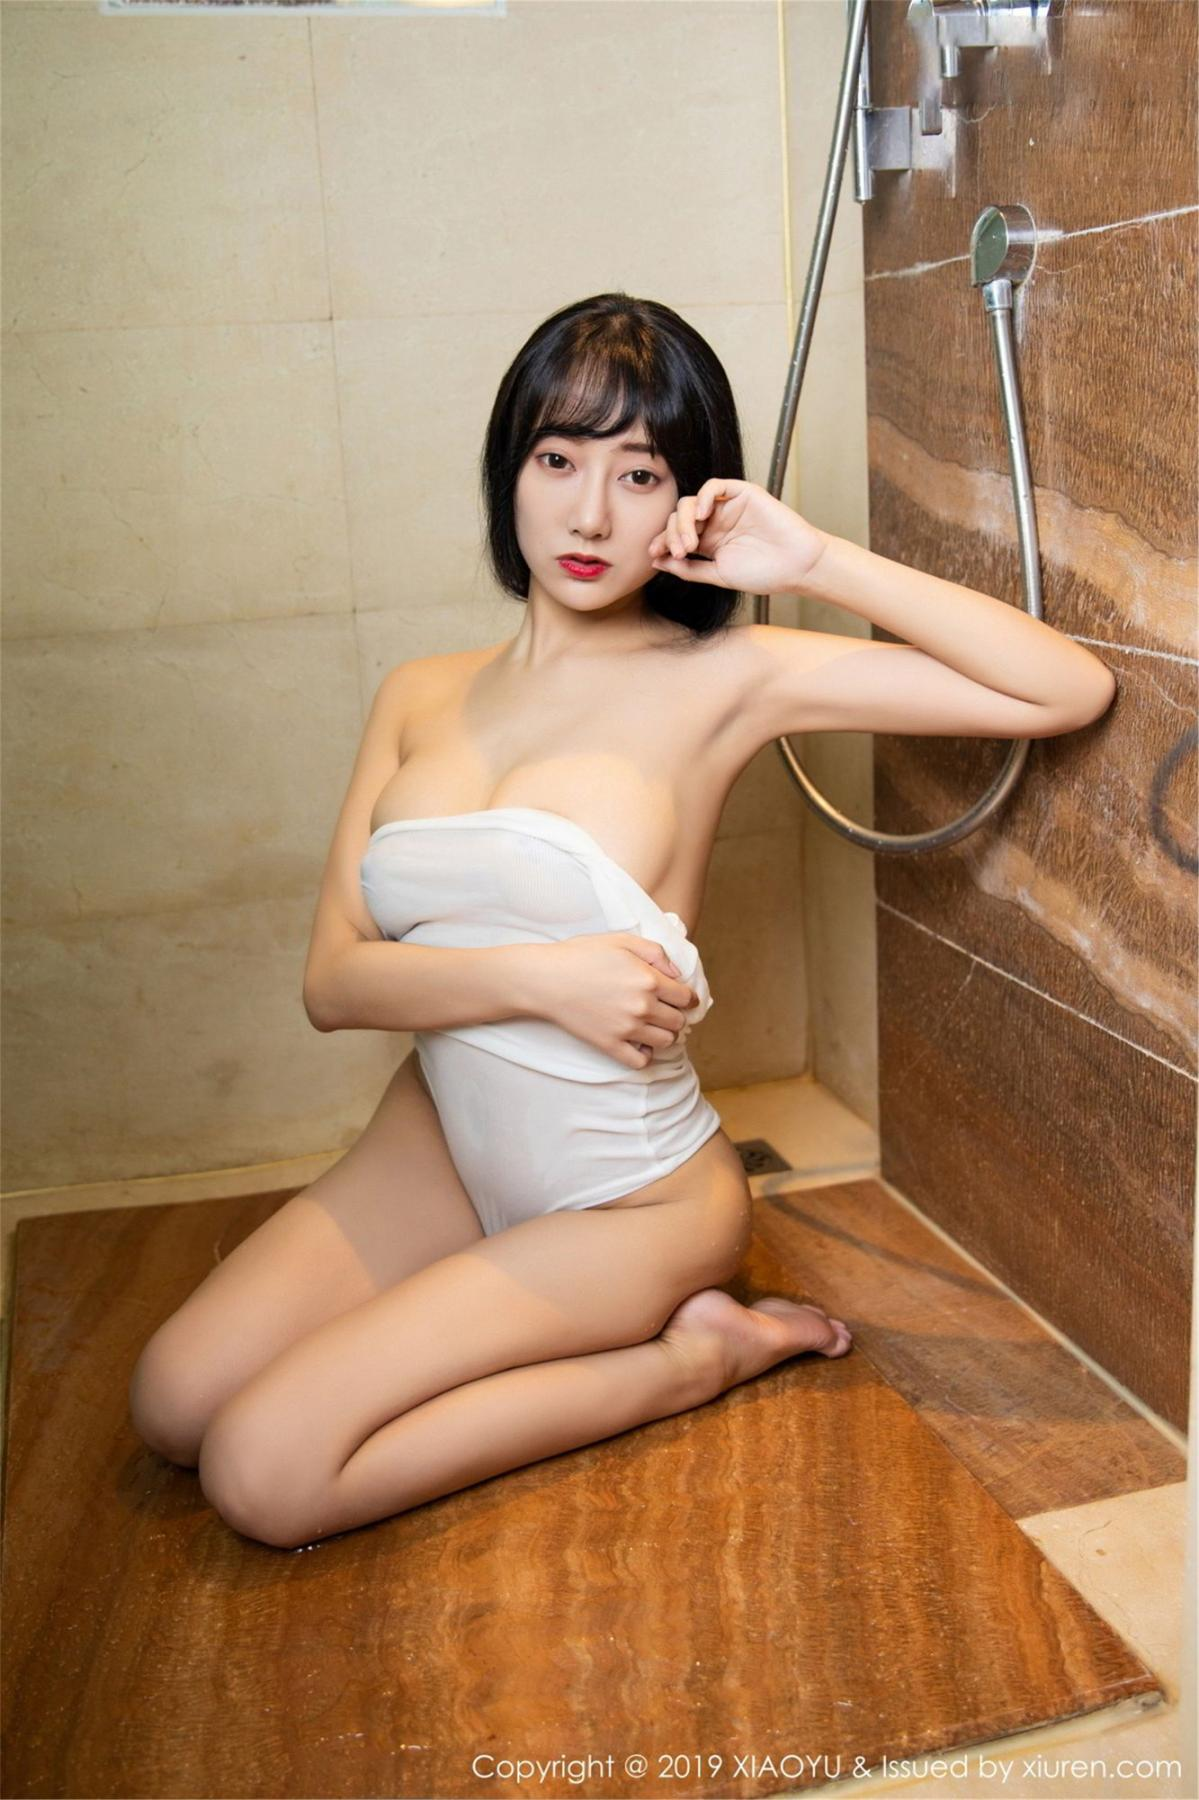 [XiaoYu] Vol.116 He Jia Ying 47P, Bathroom, He Jia Ying, Wet, XiaoYu